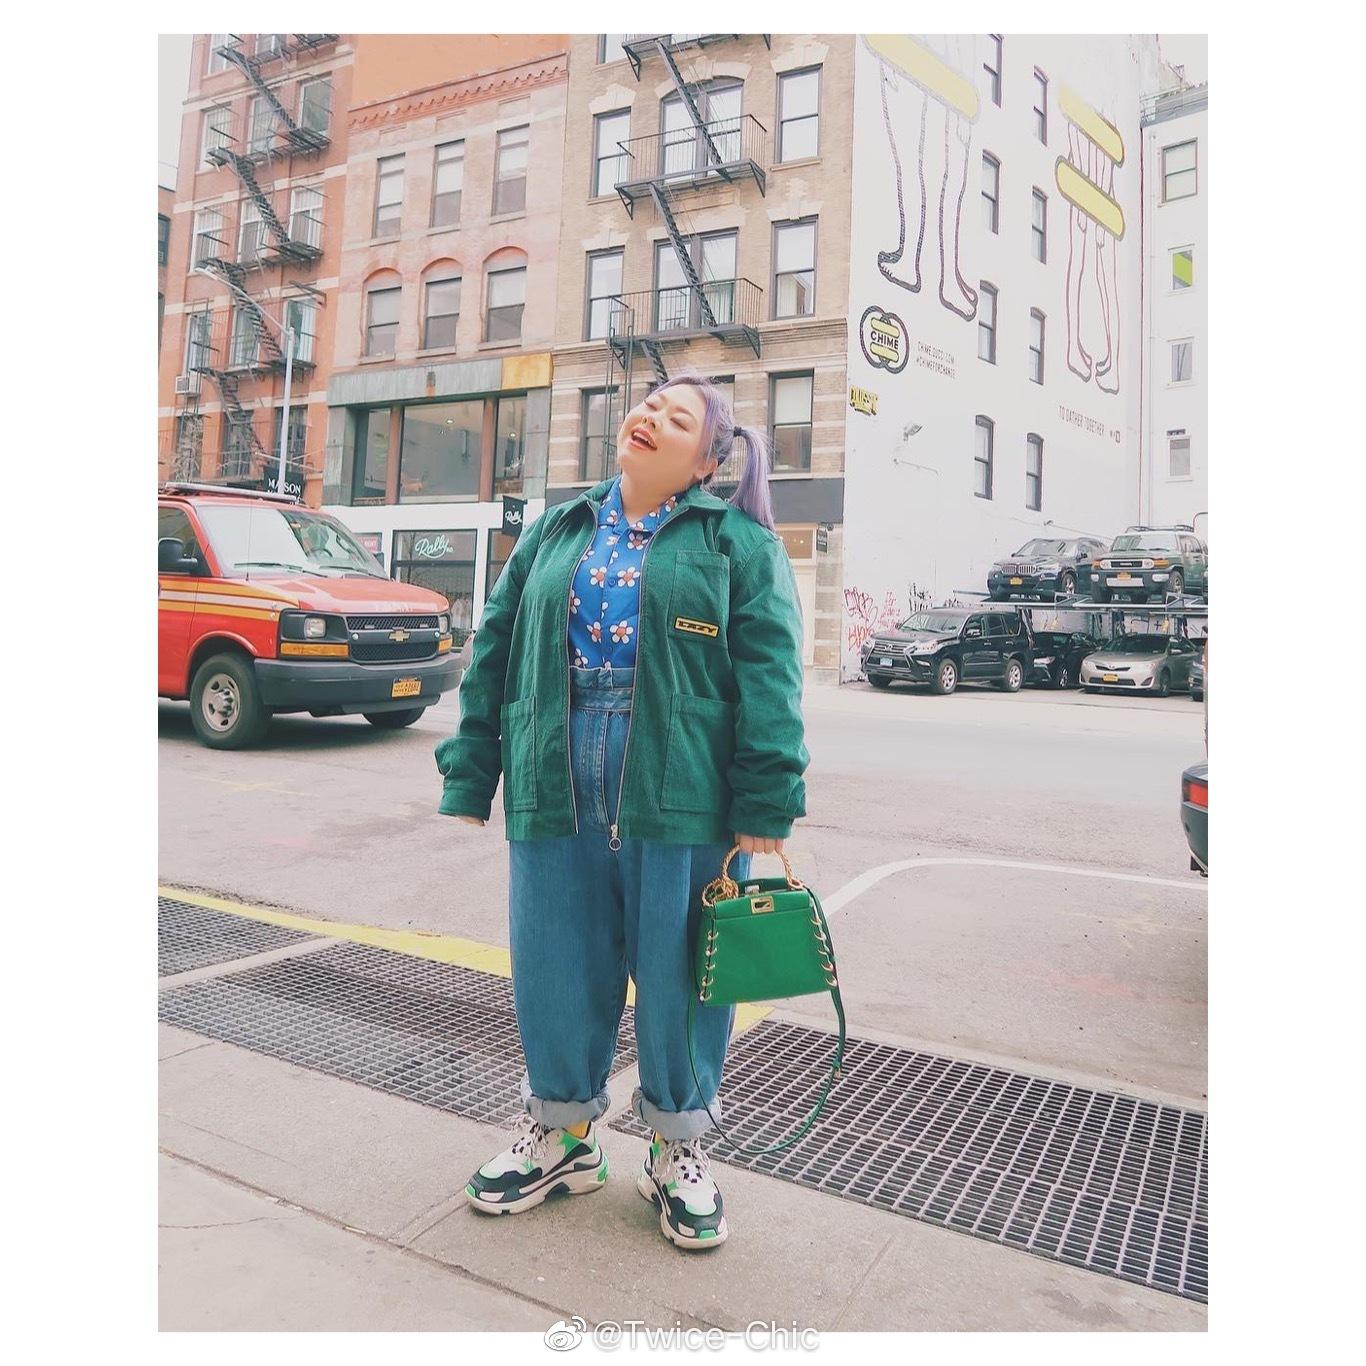 秋日胖女孩穿搭   渡边直美的生活穿搭,正如她可爱欢脱的性格一般